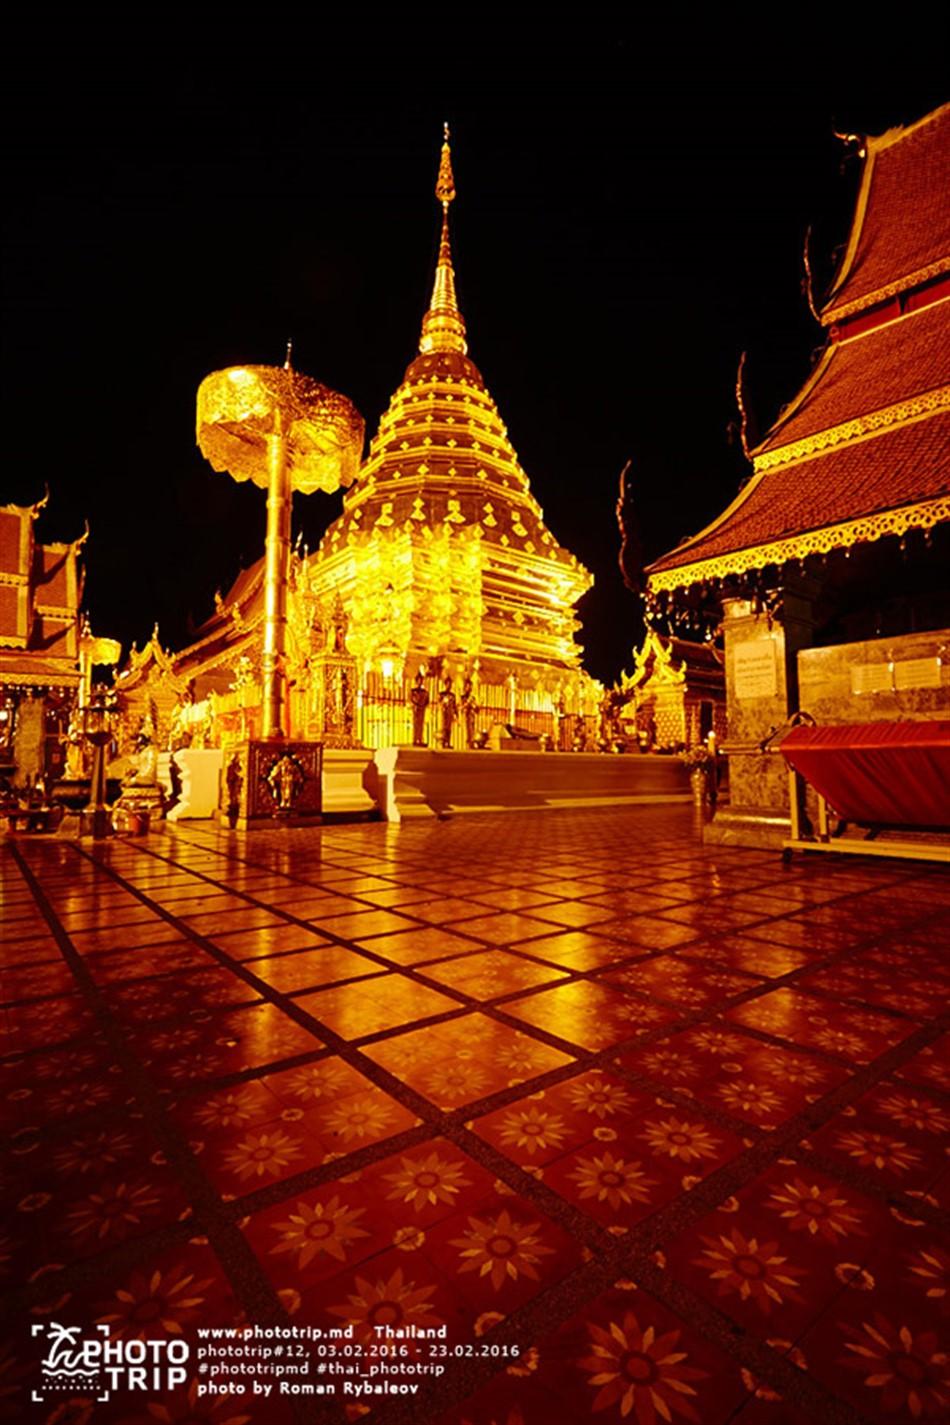 thailand2016_part3_077_950x1425